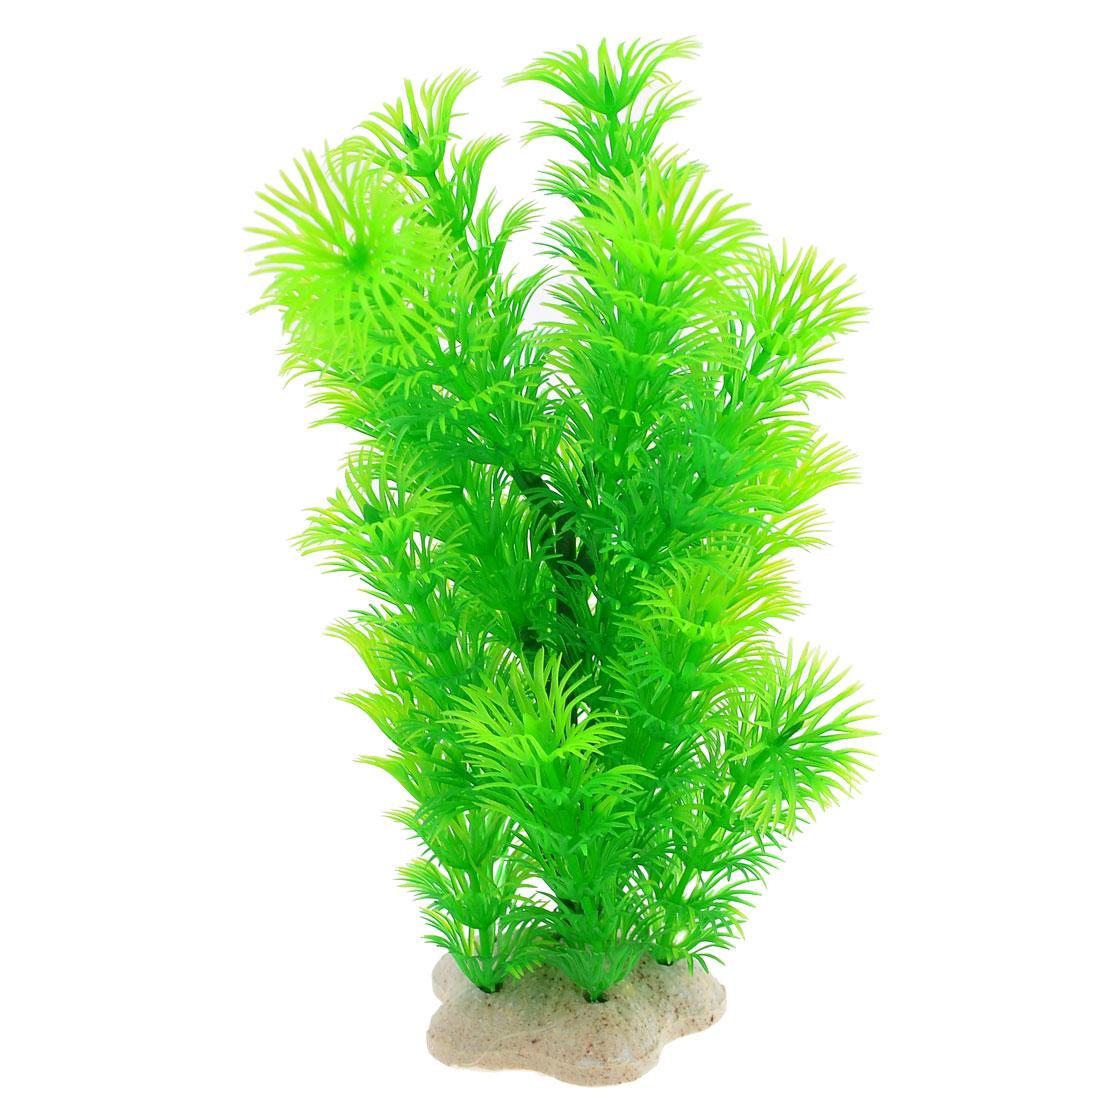 Green Aquarium Fishbowl Ornament Ceramic Base Underwater Plant